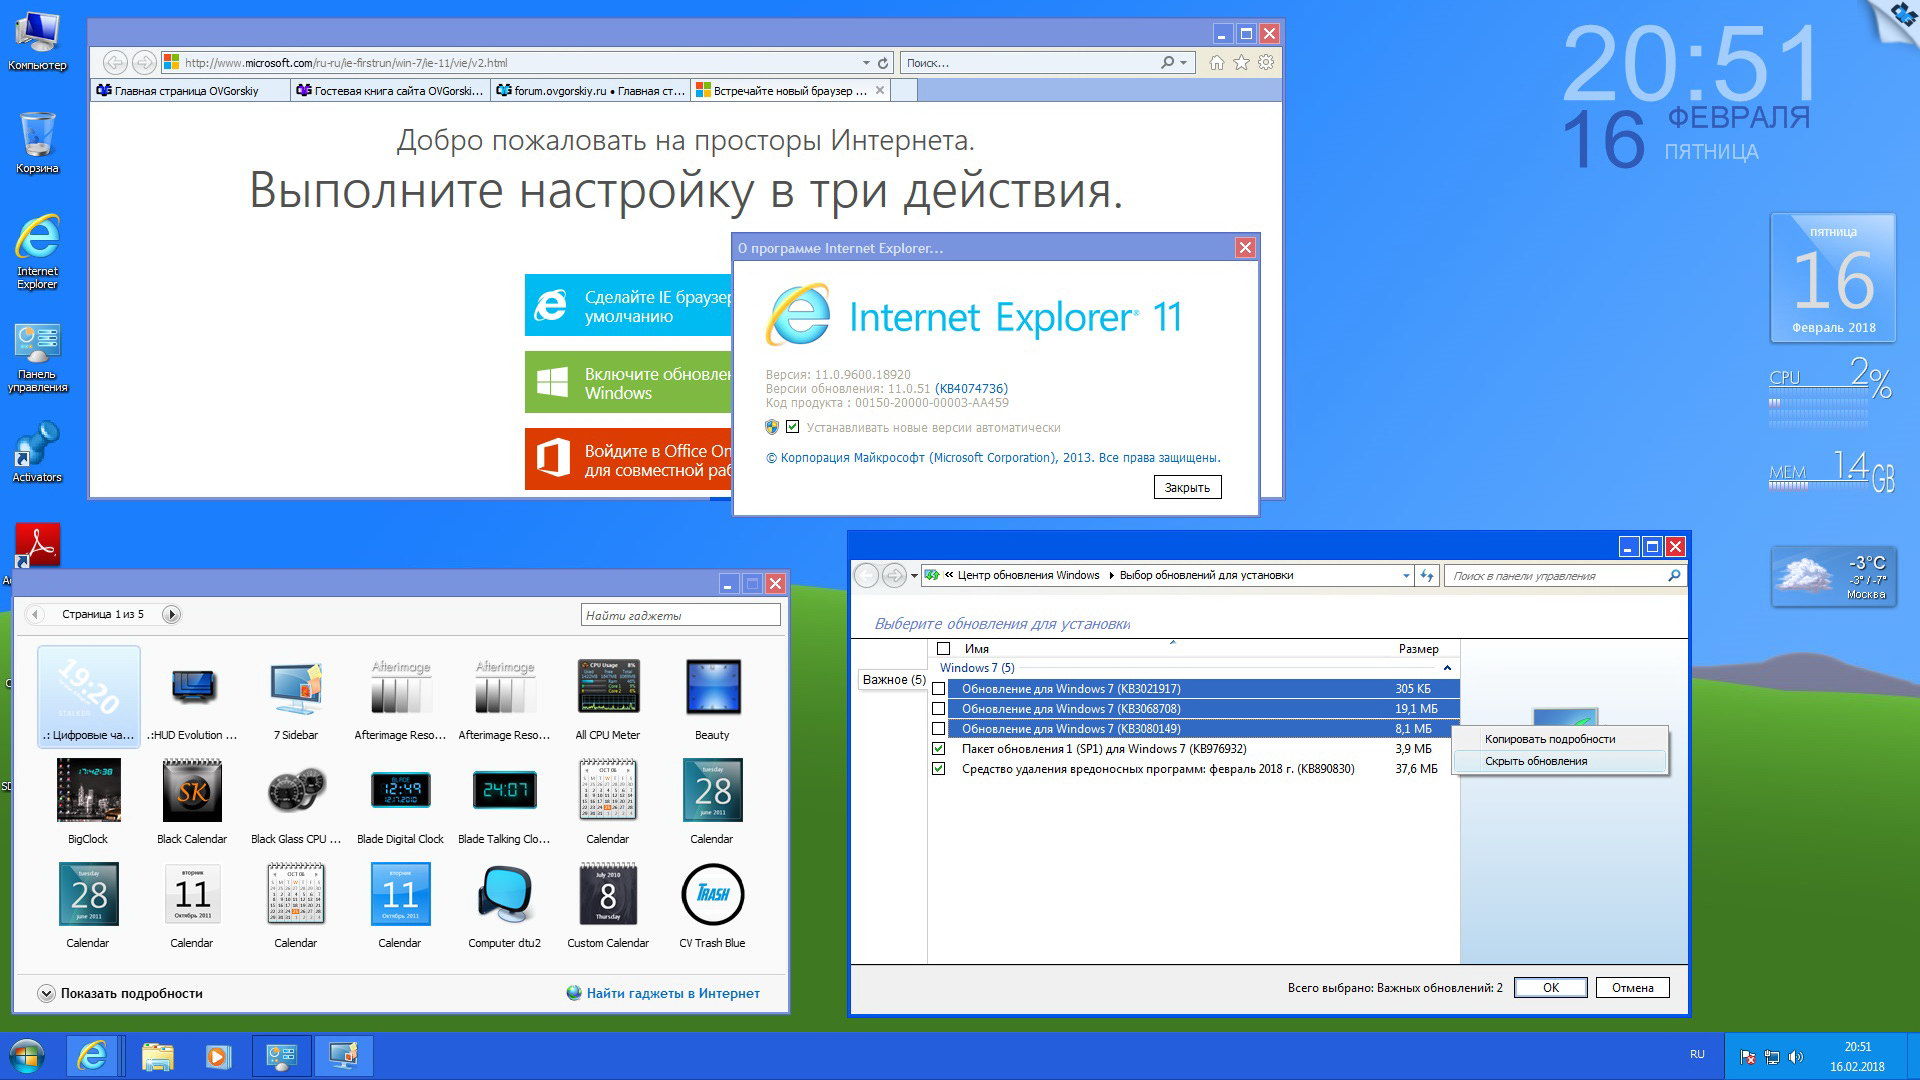 Windows 7 Ultimate Ru x86/x64 SP1 NL3 by OVGorskiy® 02.2018 2 DVD (2018) Русский